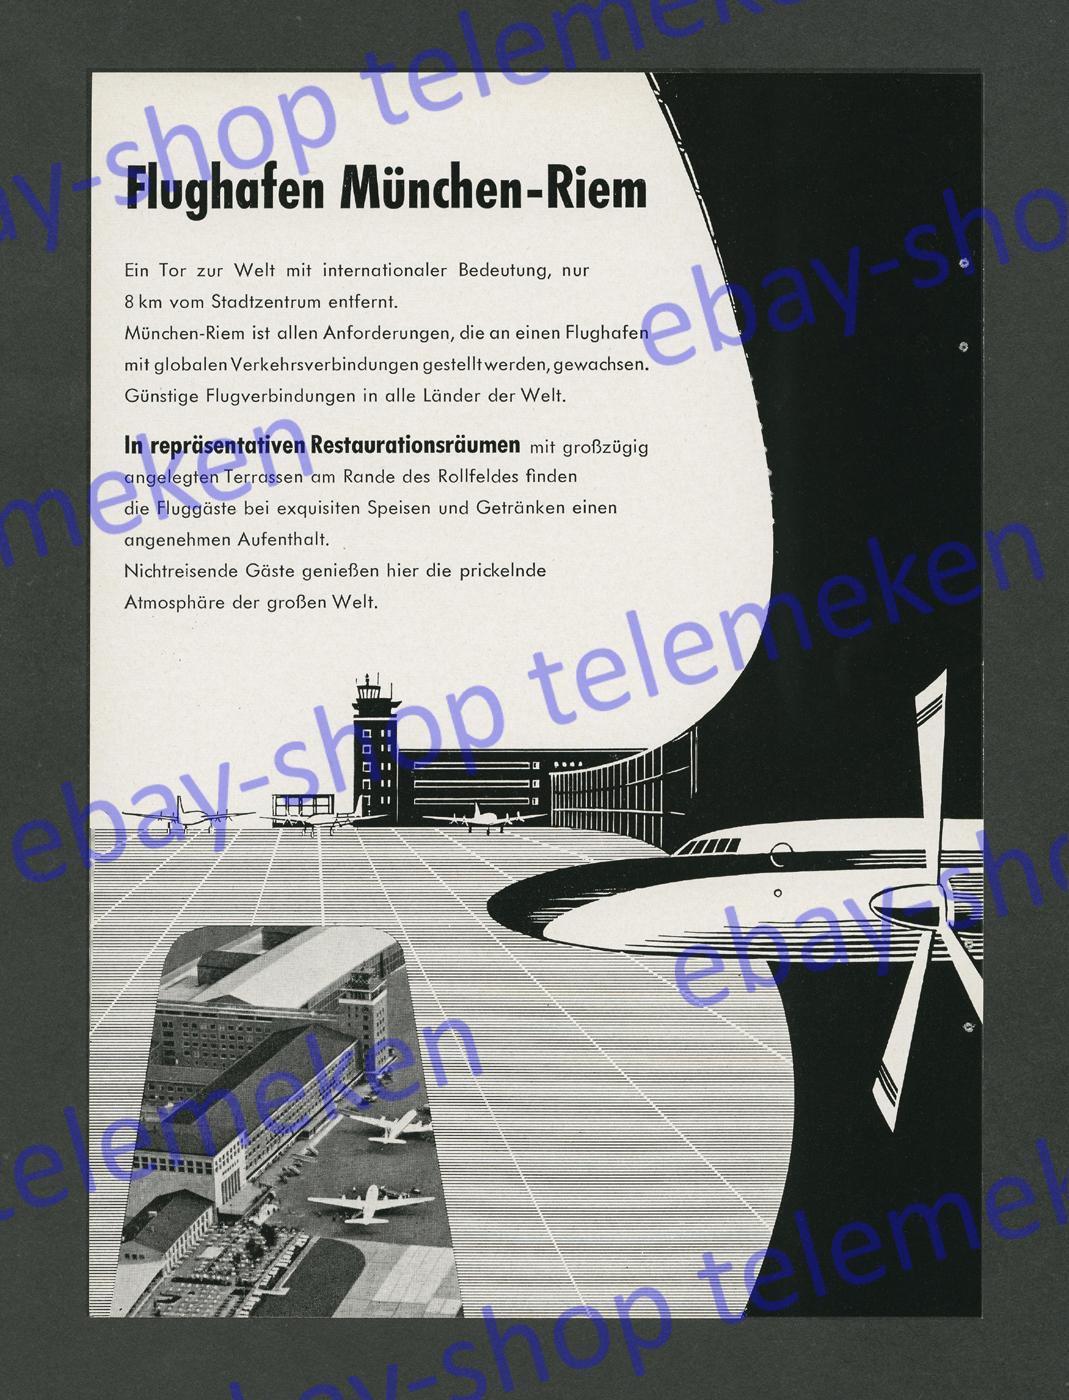 reklame flughafen m nchen riem luftbild luftfahrt grafik propellermaschinen 1958 ebay. Black Bedroom Furniture Sets. Home Design Ideas